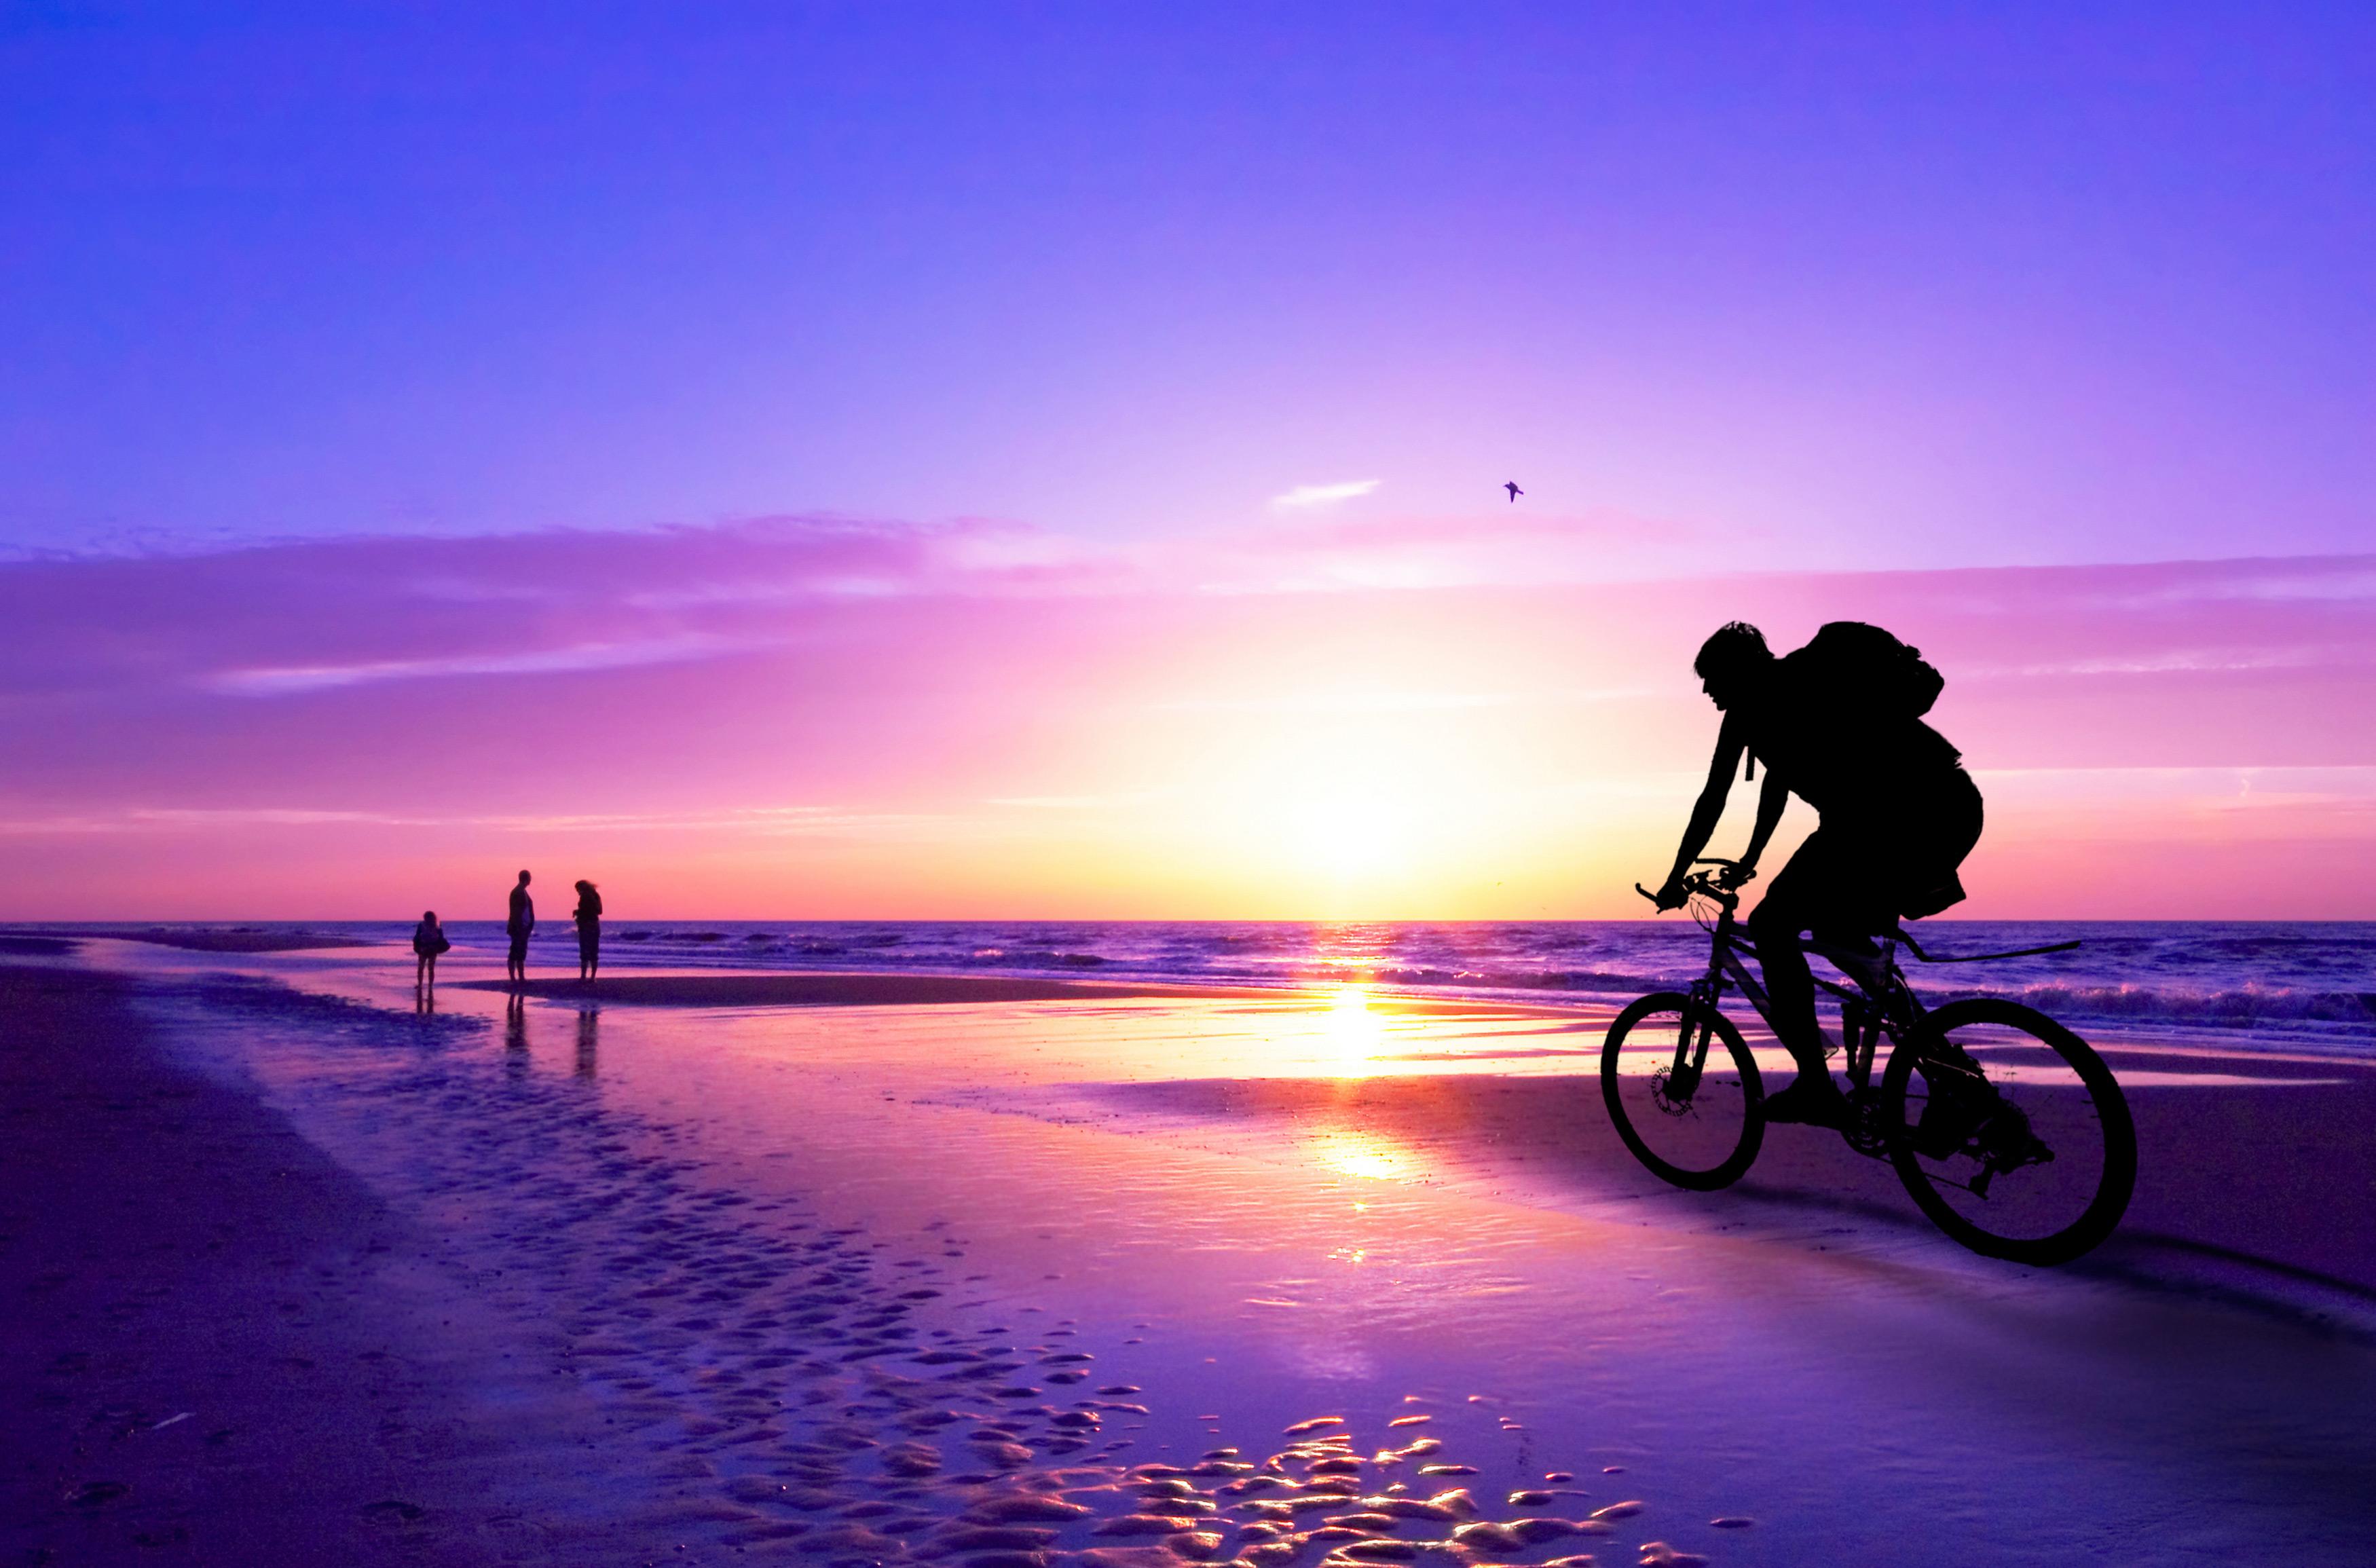 دوچرخه سواری در غروب